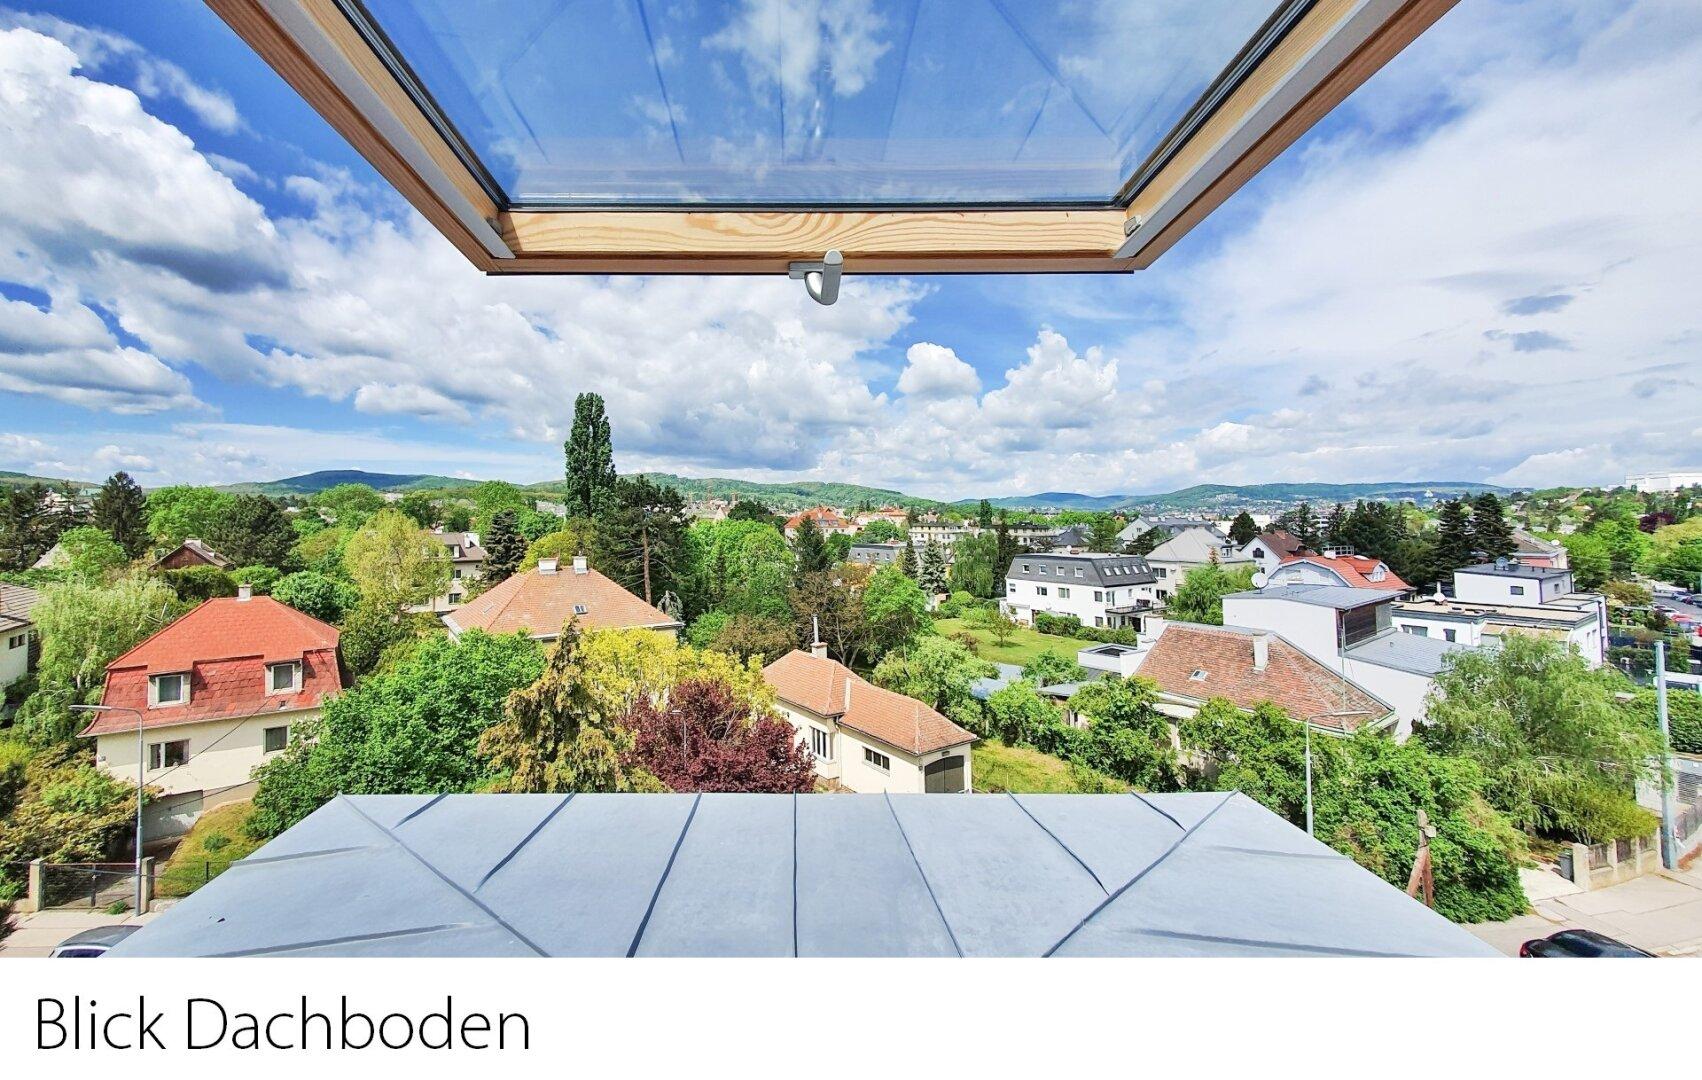 Blick Dachboden